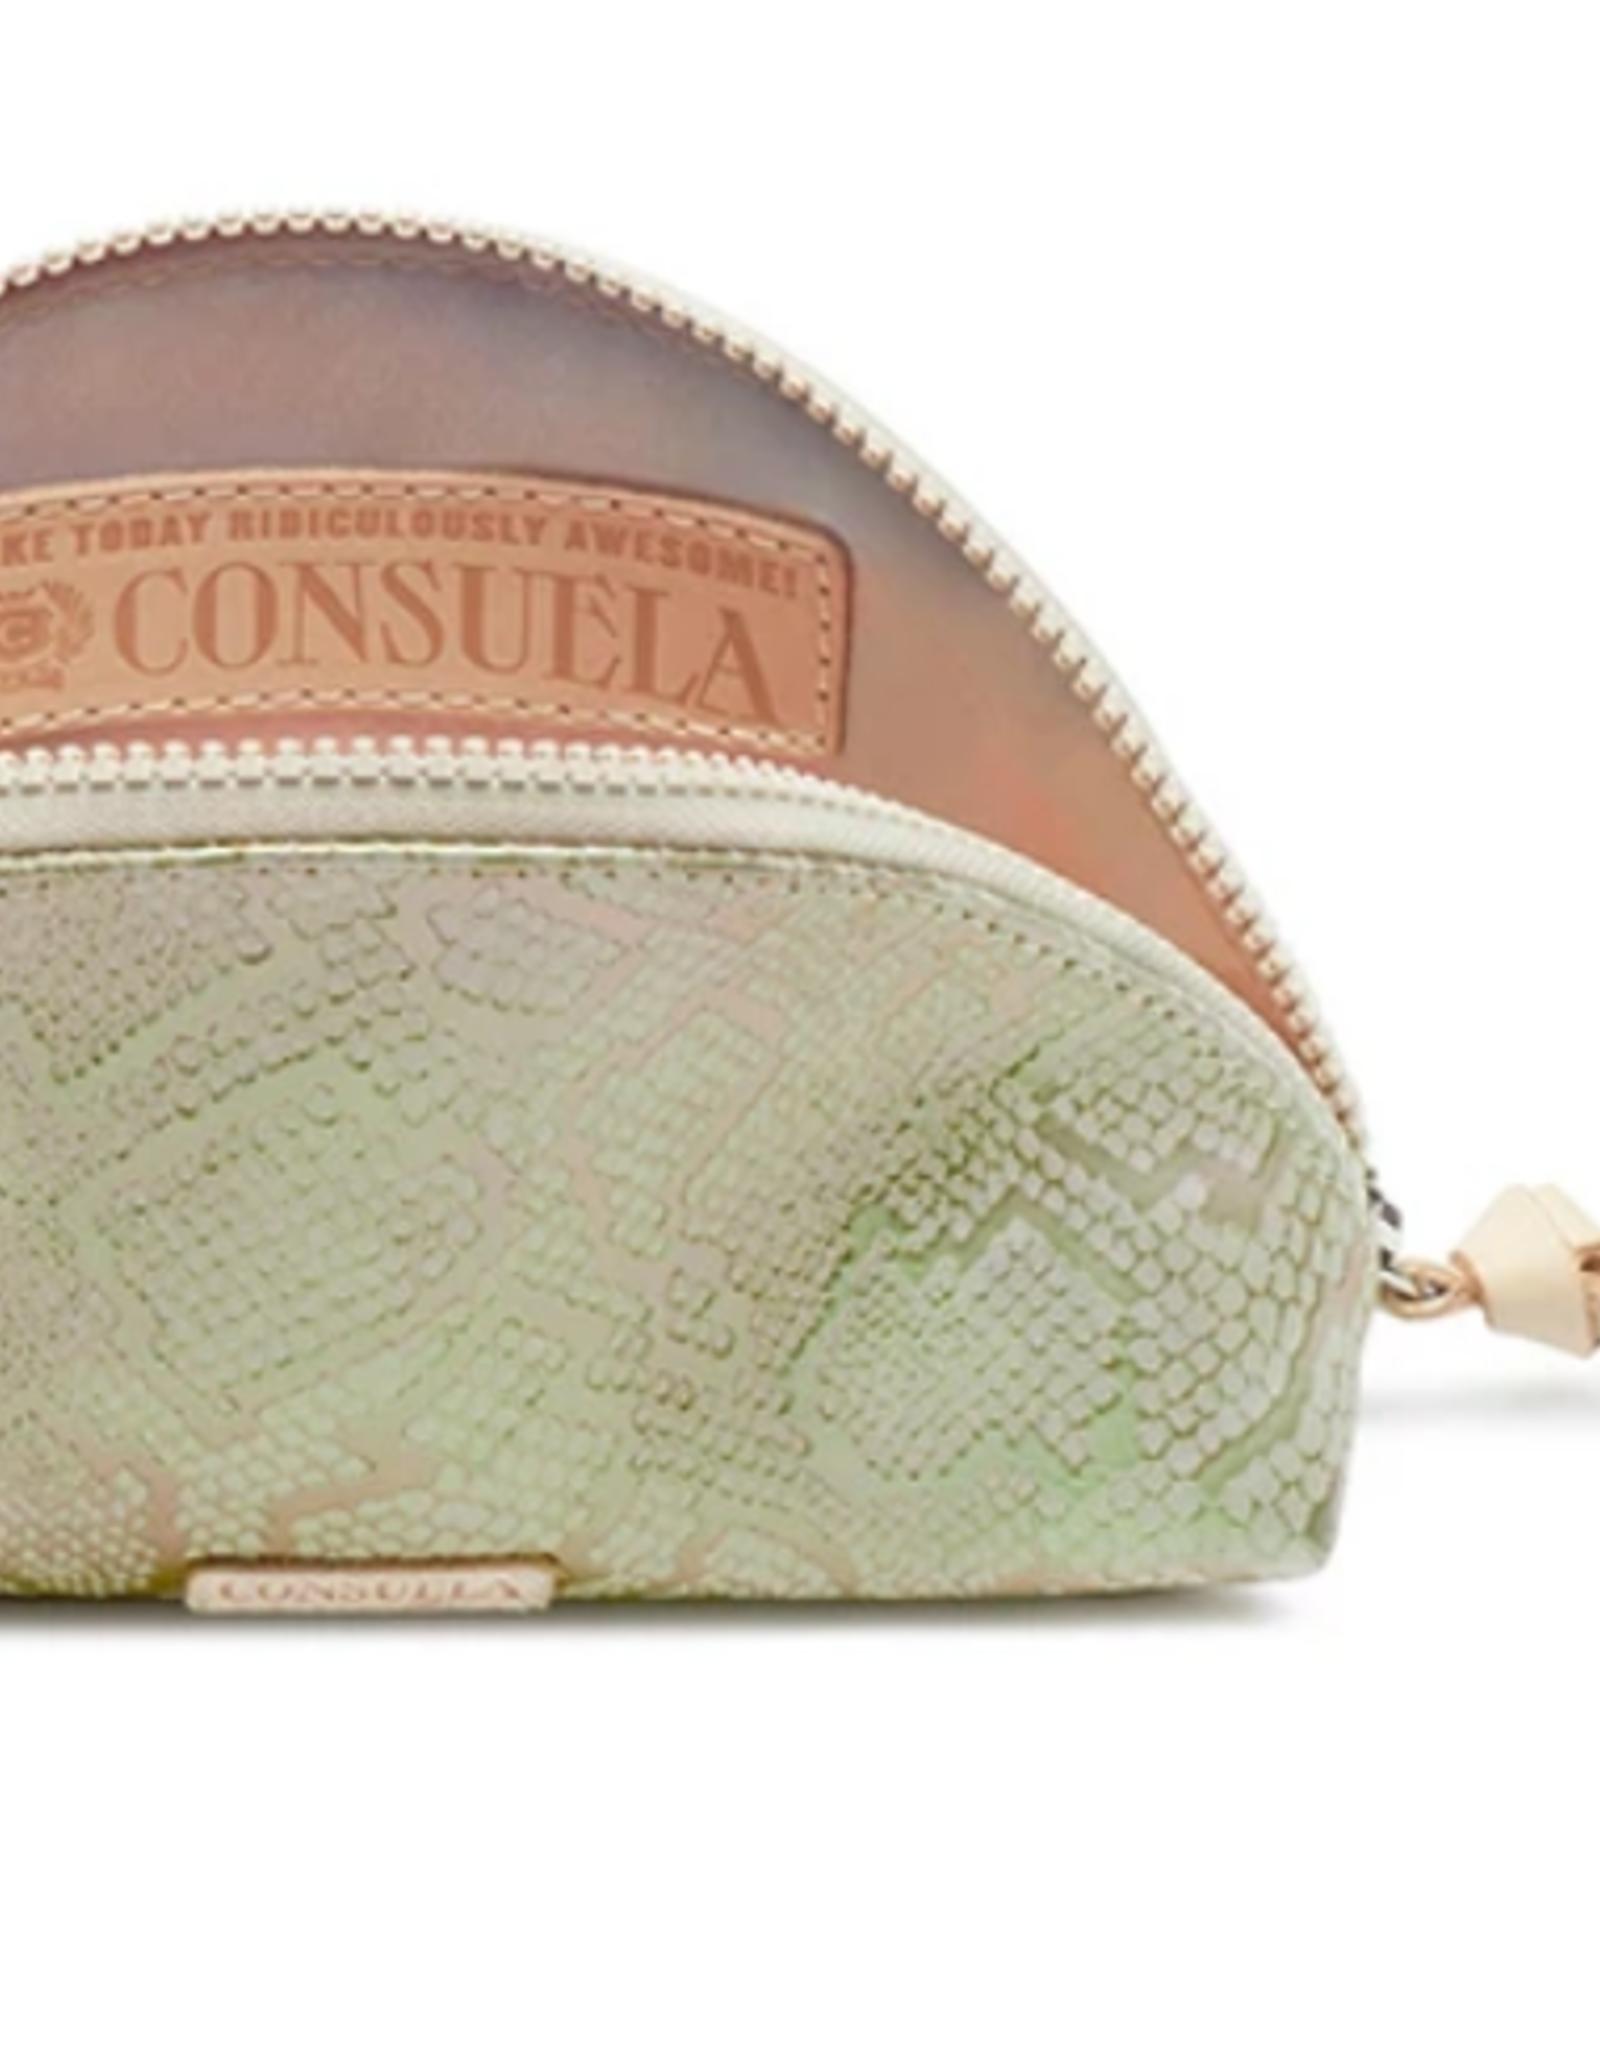 Consuela Brandy Medium Cosmetic Case